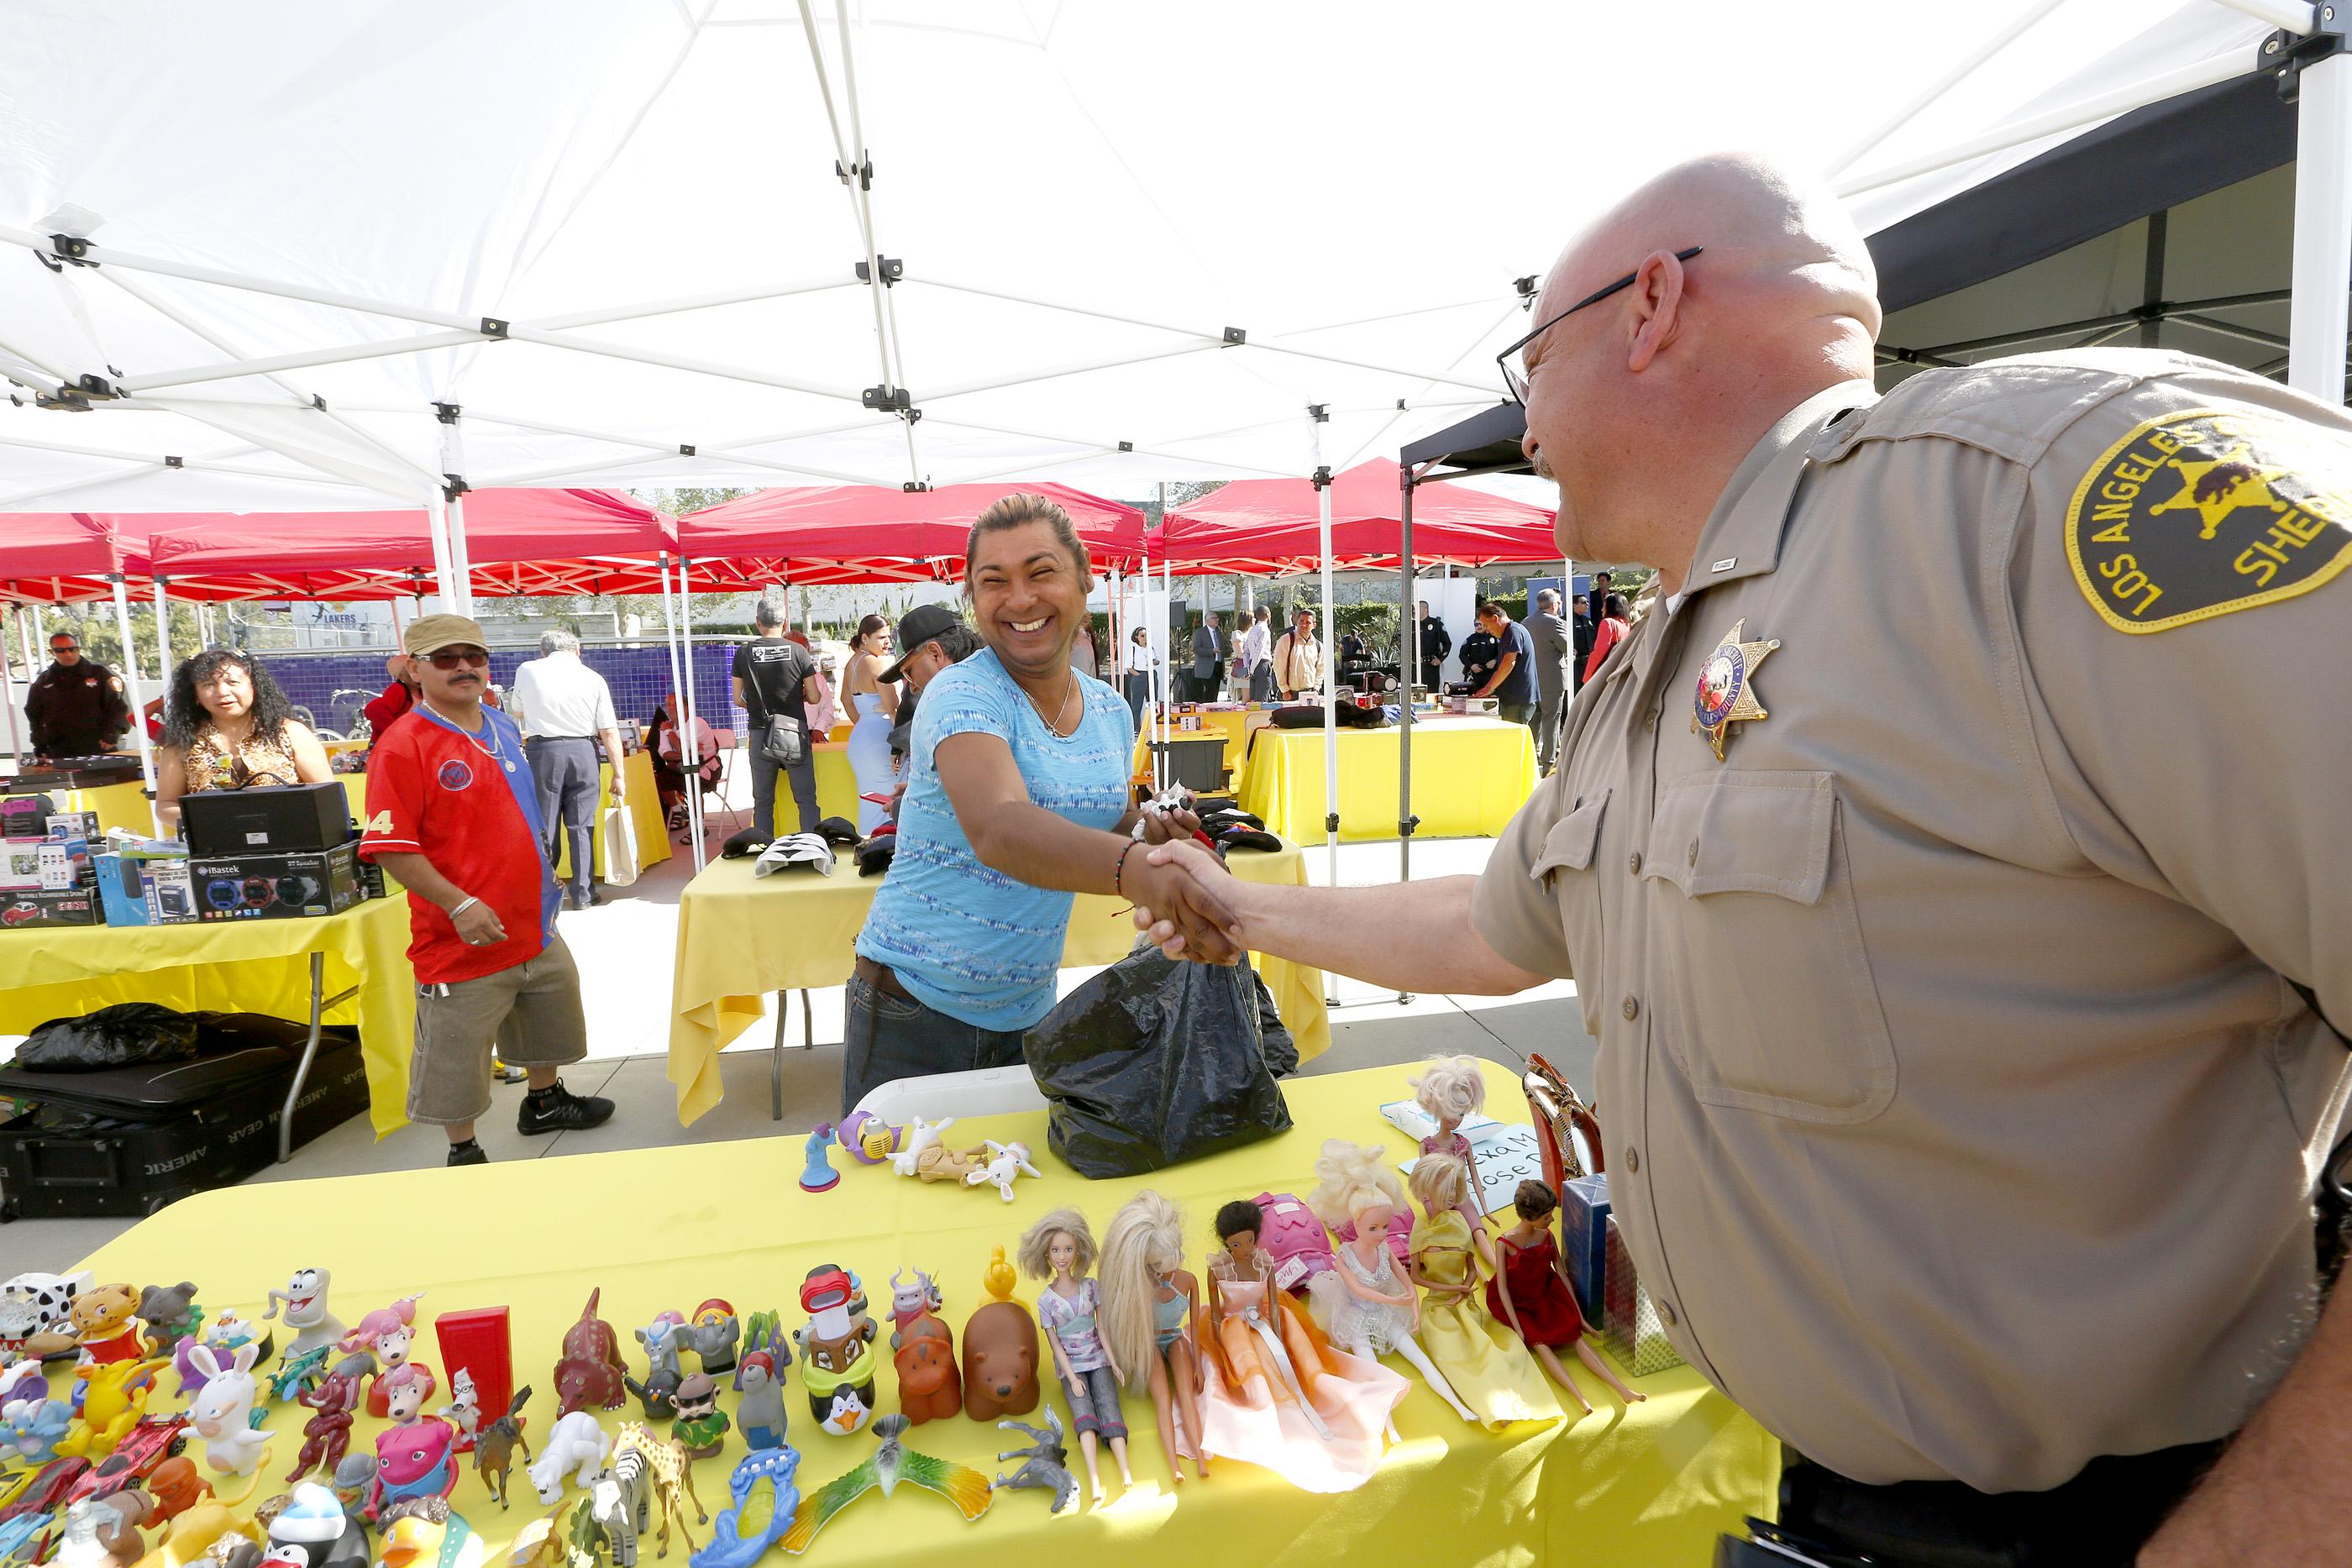 El Tte. Henry Saucedo saluda a la vendedora Alexa Montero durante la aperture del mercado comuntiario. Habra vigilancia y mayor presencia policial en el lugar. (Aurelia Ventura/La Opinion)